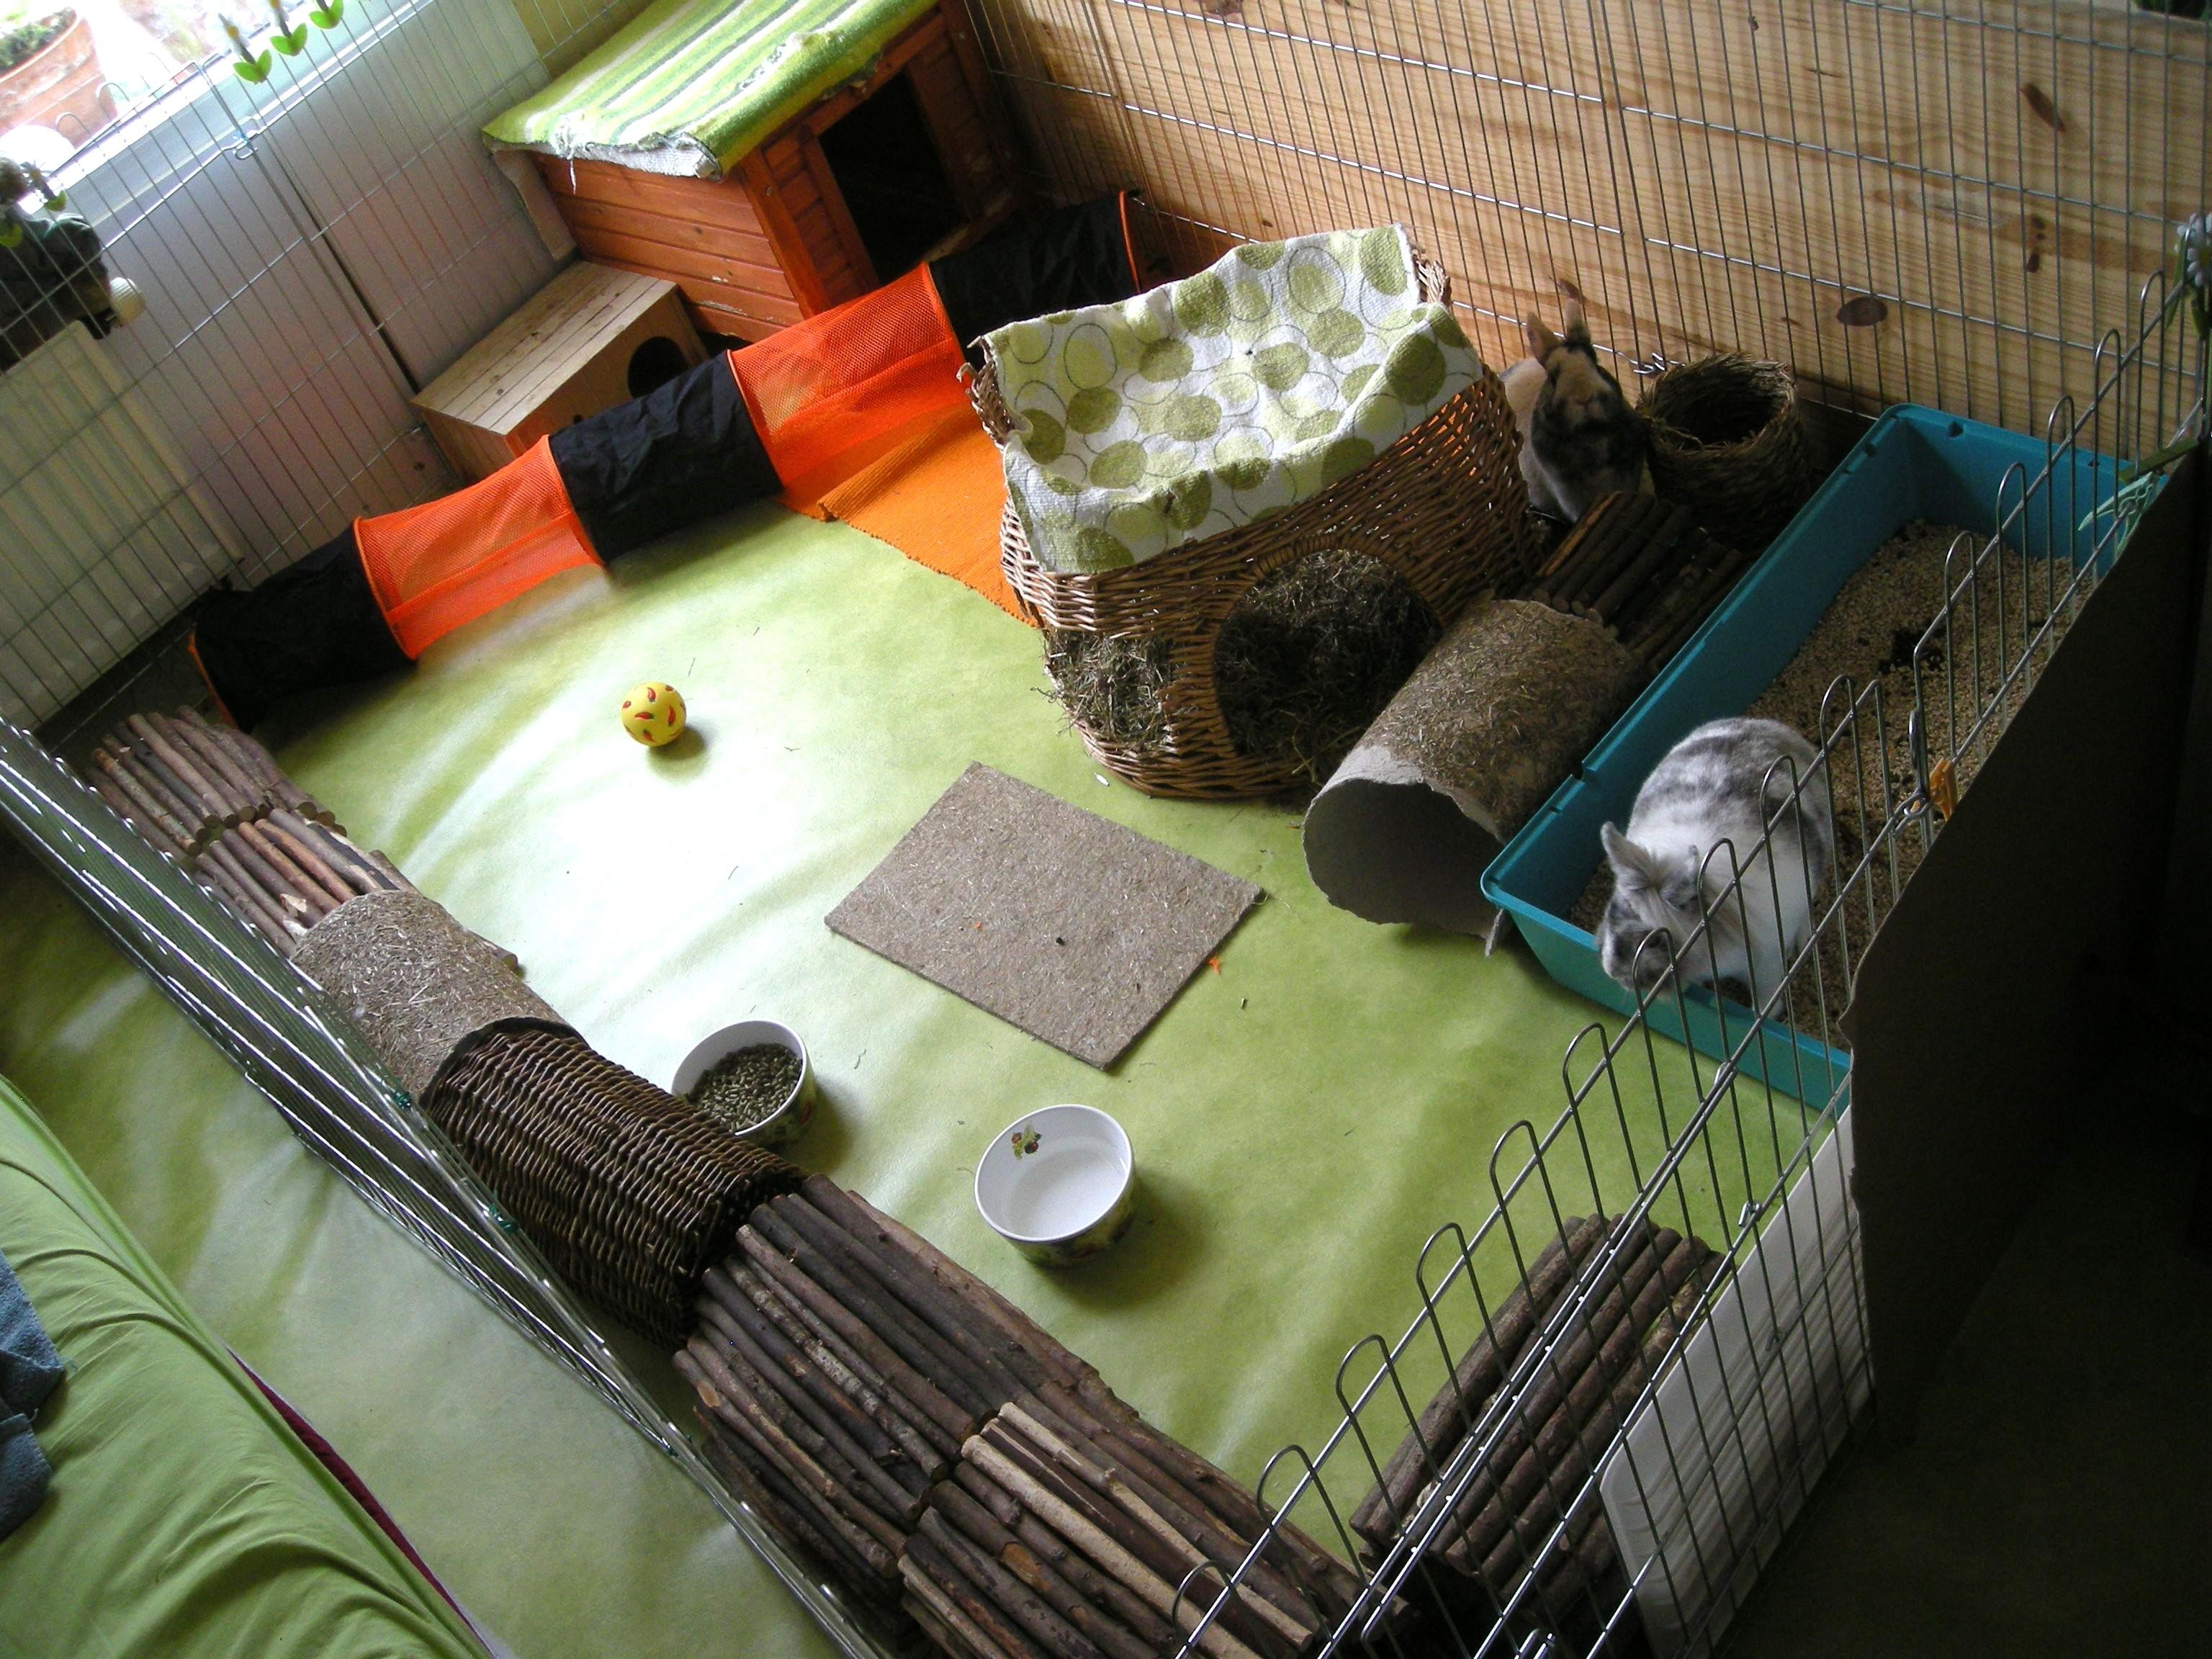 jouets pour lapin jouet lapin sur enperdresonlapin. Black Bedroom Furniture Sets. Home Design Ideas